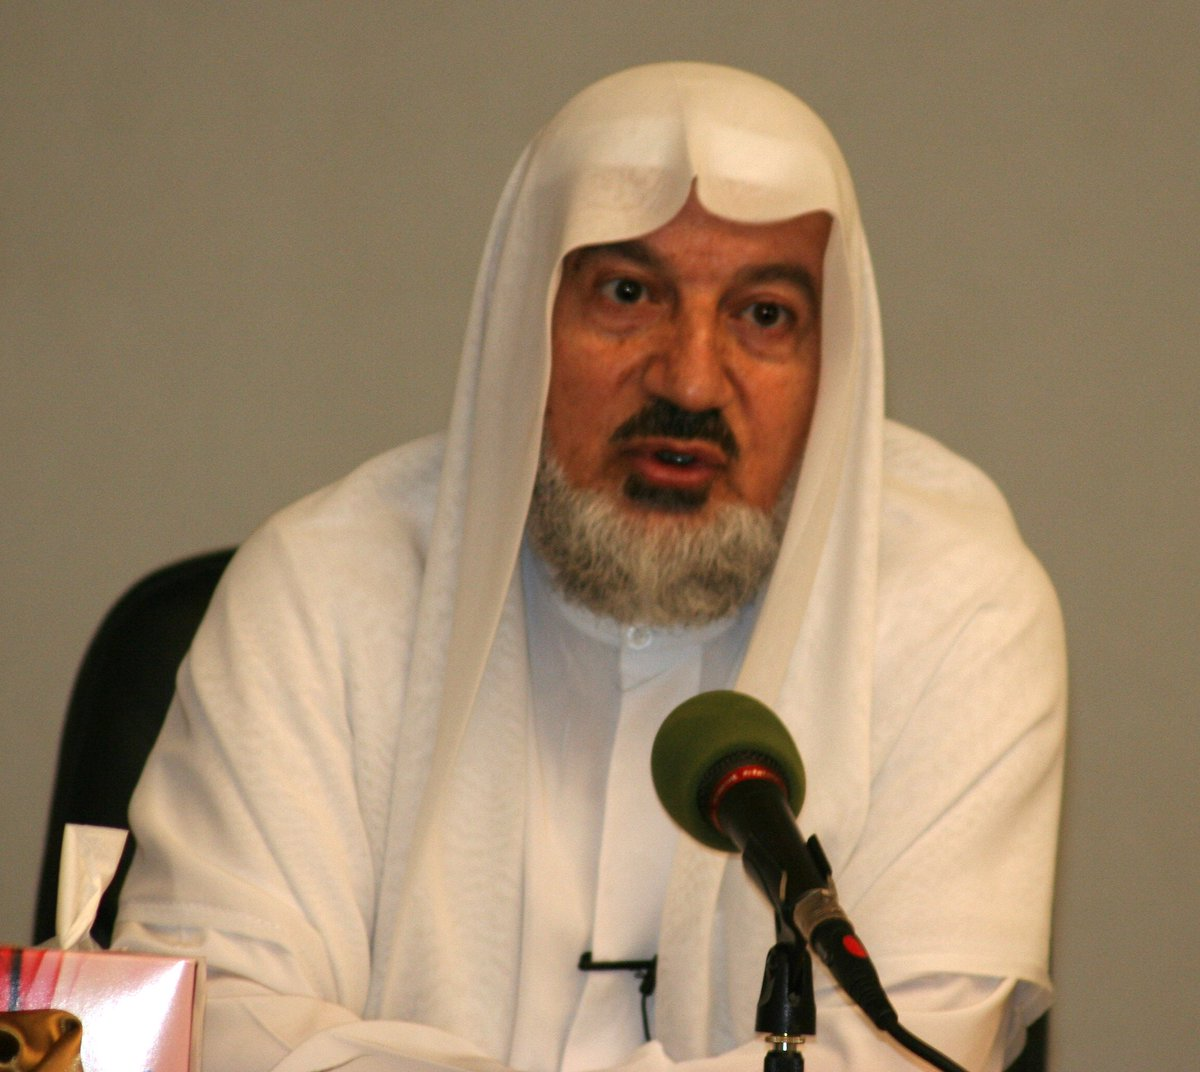 الشيخ عثمان جمعة ضميرية الداعية الفقيه الذي فقدناه